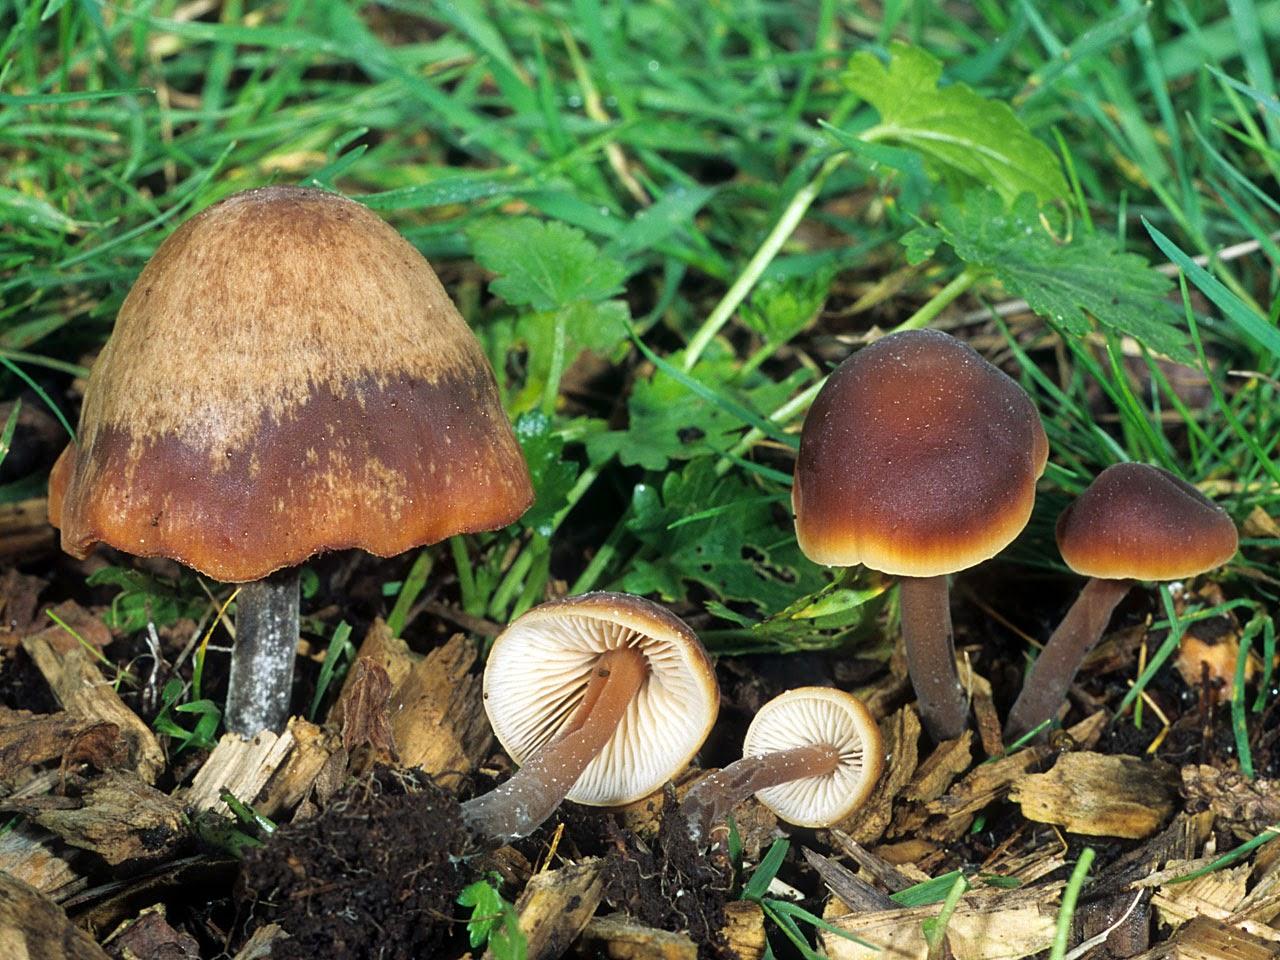 Macrocystidia_cucumis